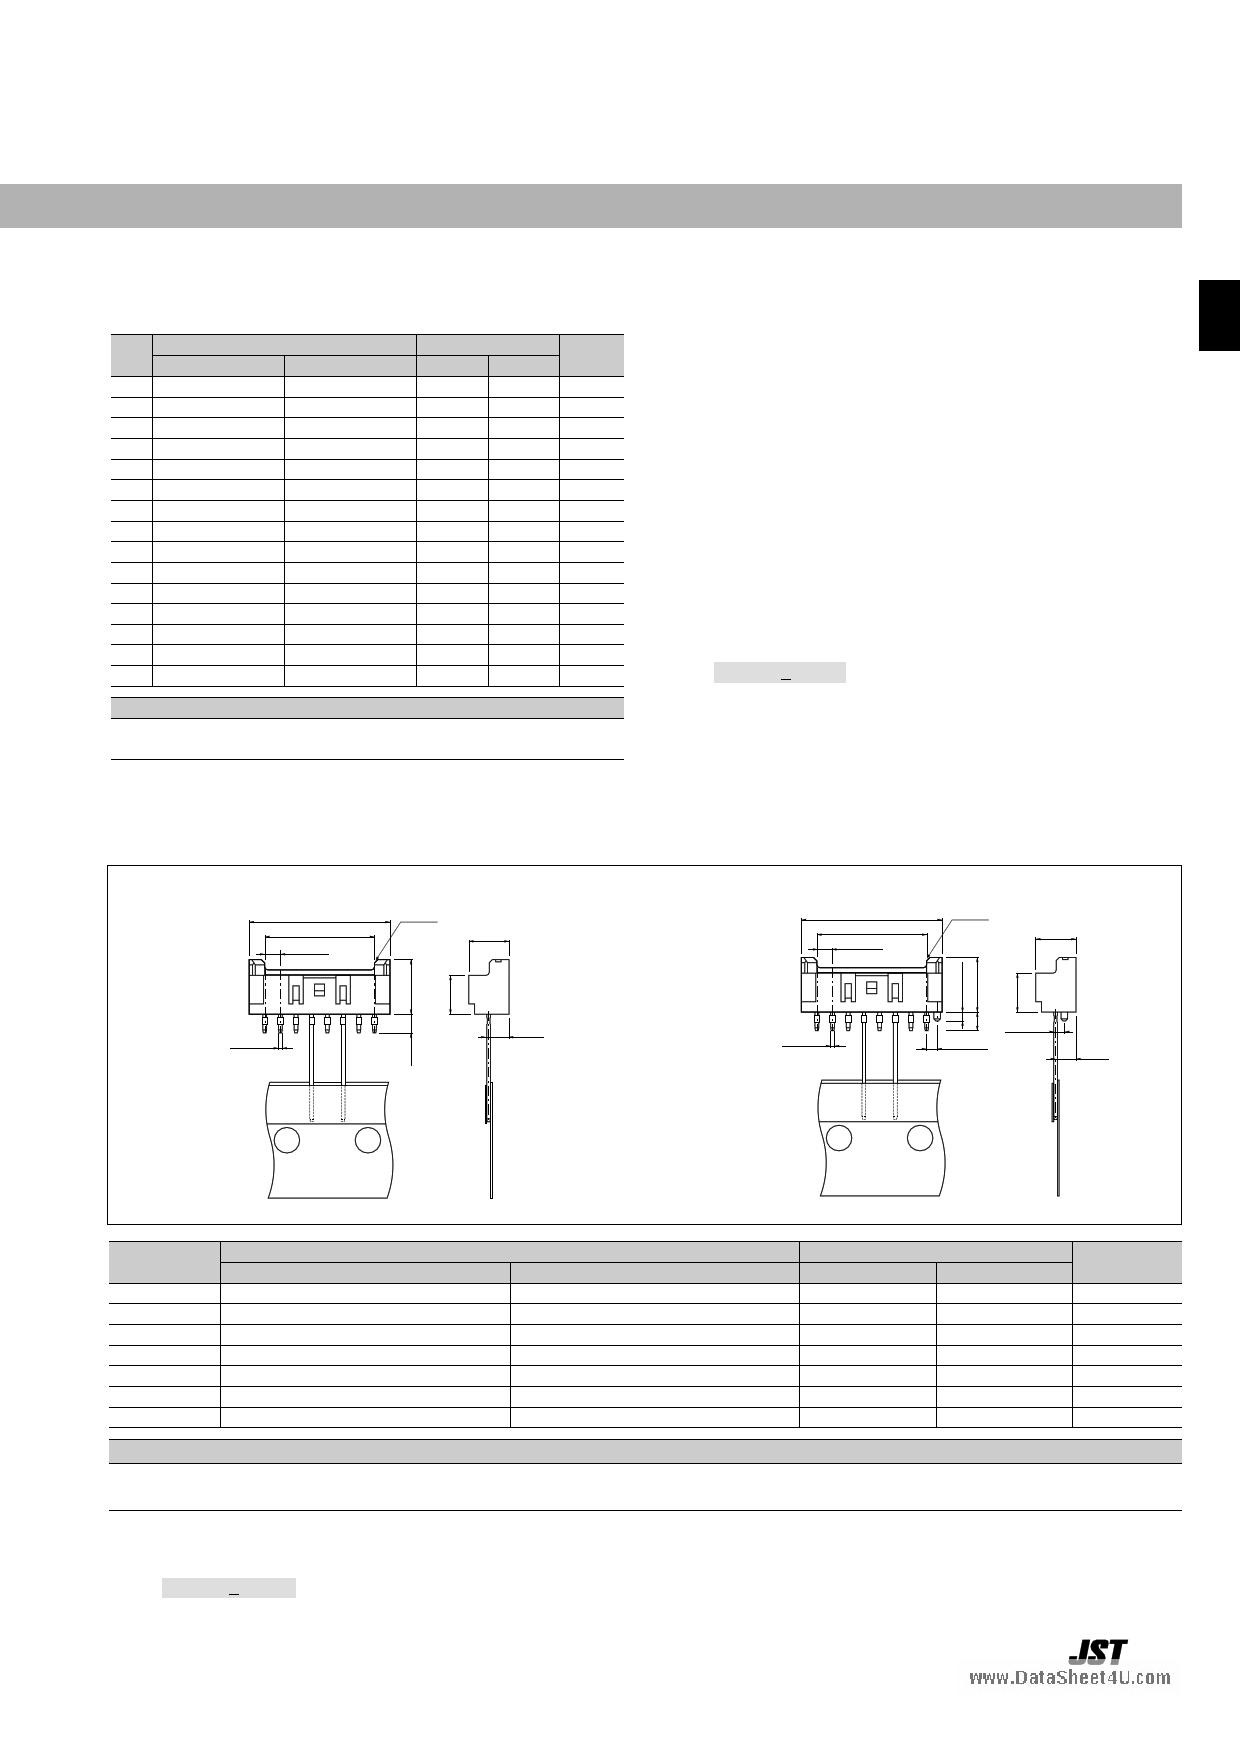 B03B-XASS-1-T pdf